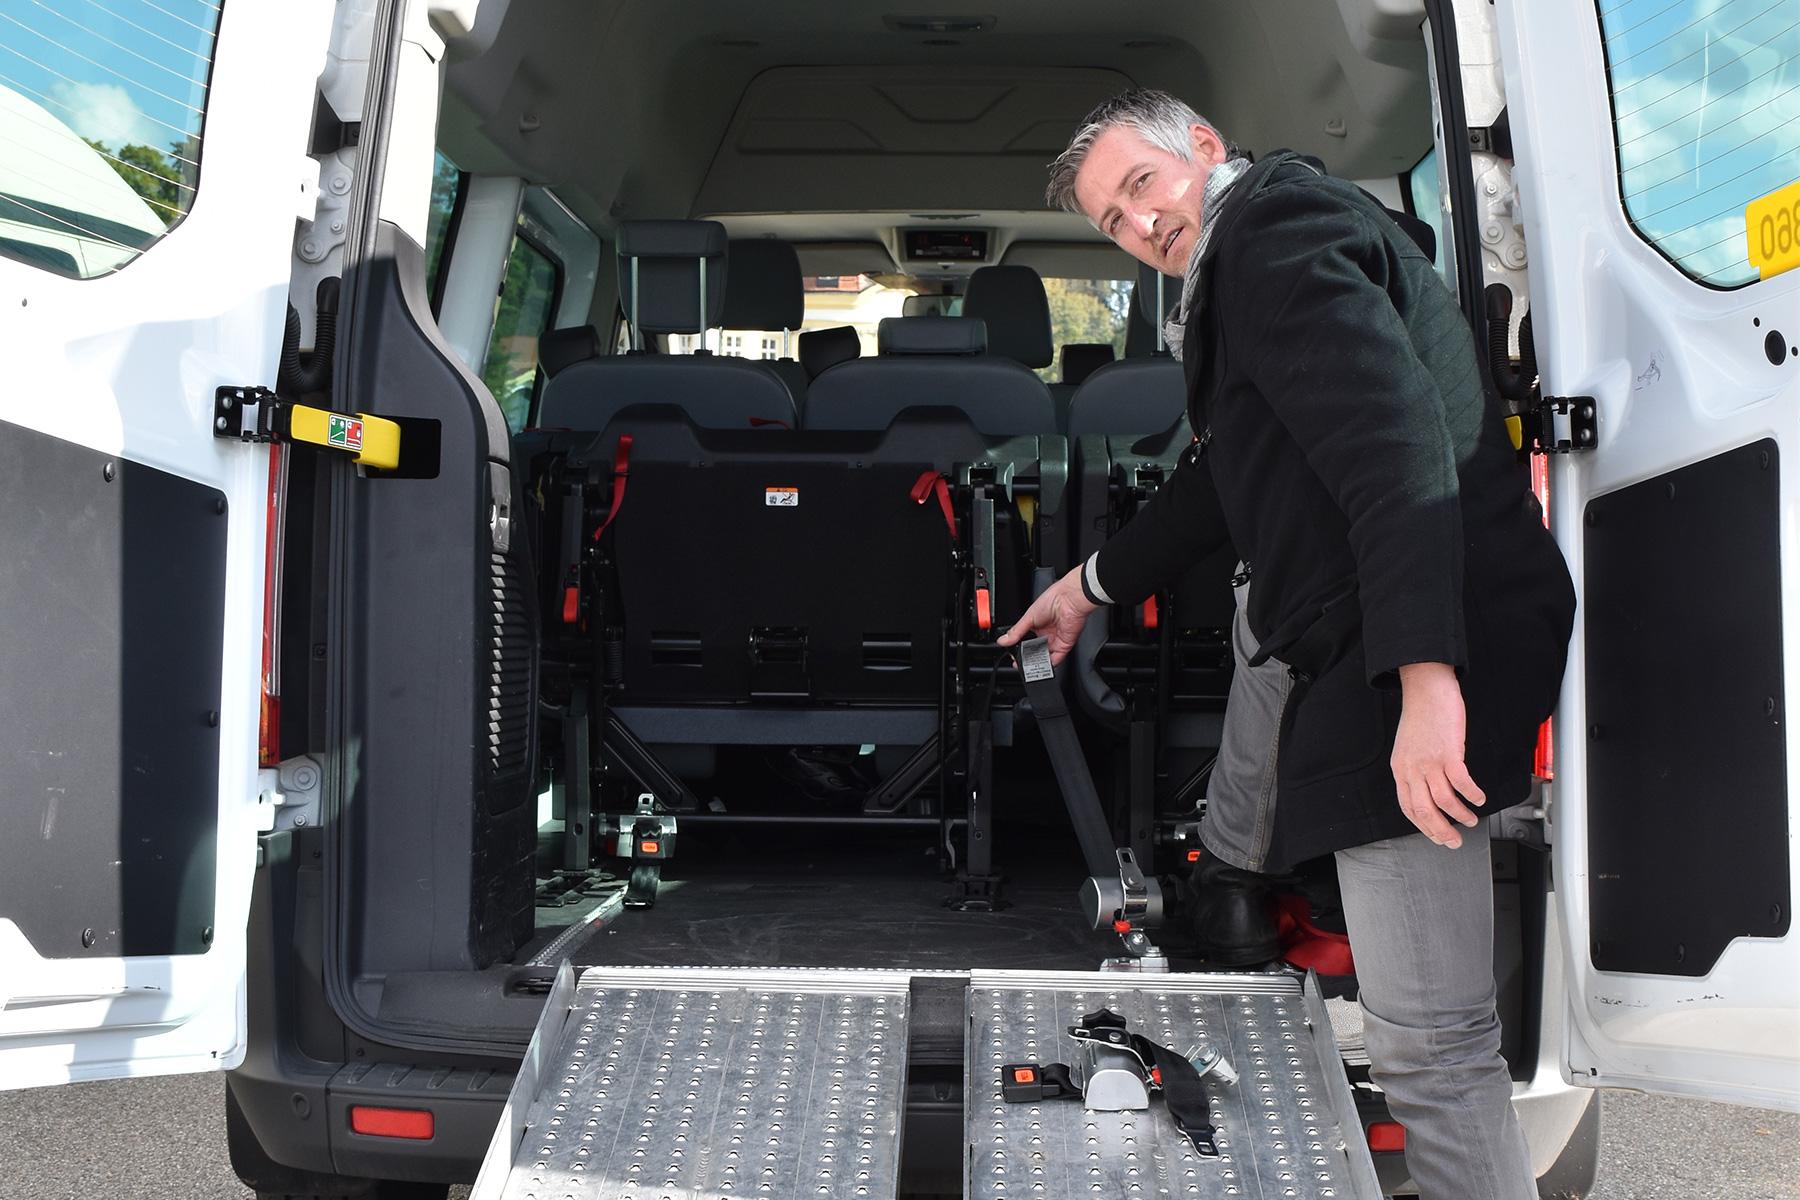 SBS-Mitarbeiter überprüft Transportgurte im Taxi